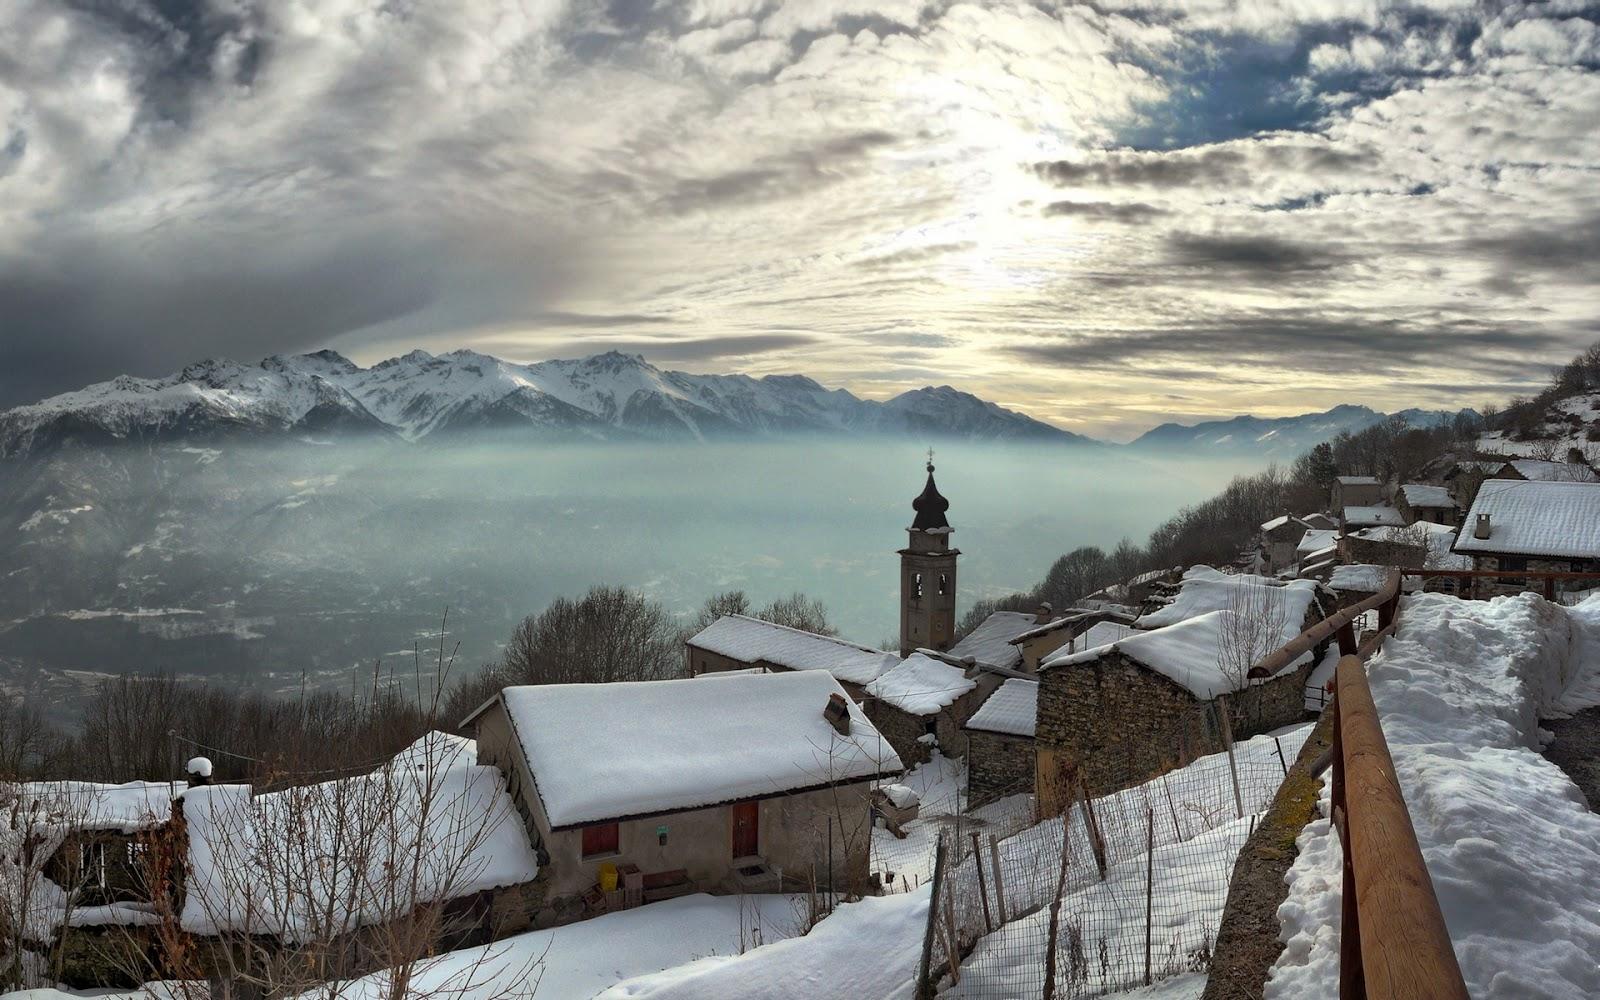 http://2.bp.blogspot.com/-bVs1c6pFnRg/T0UiMDjfvUI/AAAAAAAAA3I/r10iw8QDb1Y/s1600/Snow+Houses+in+himalayas+HD+wallpaper.jpg